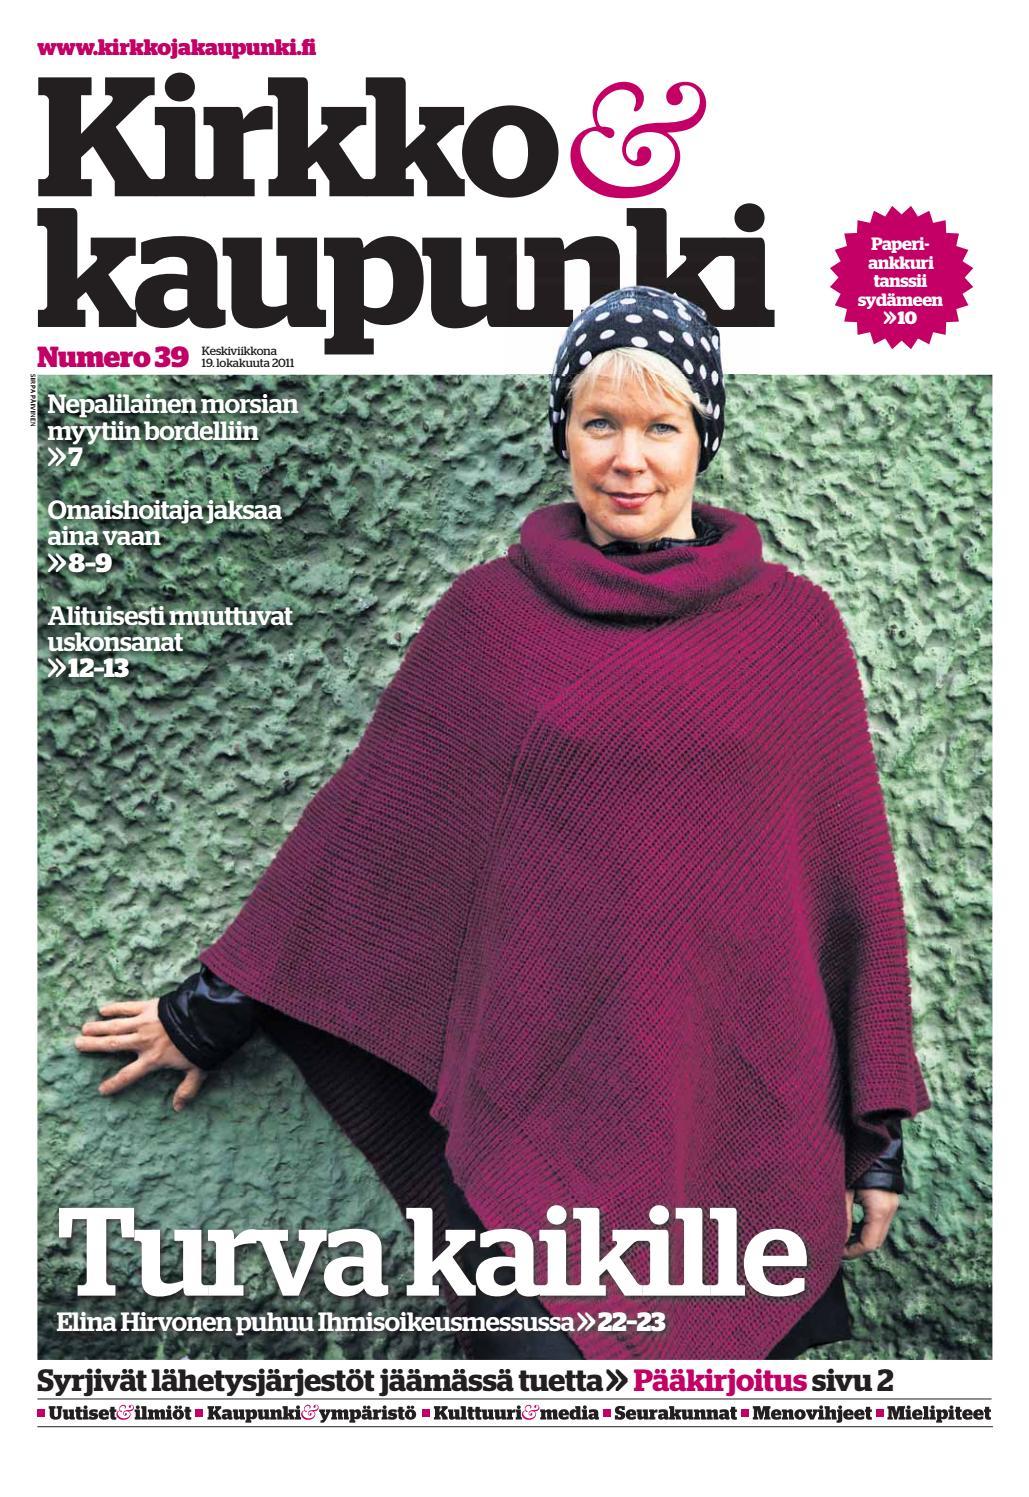 K k 2011 nro 39 (19 10) by Kirkko ja kaupunki - issuu 049c3753a6